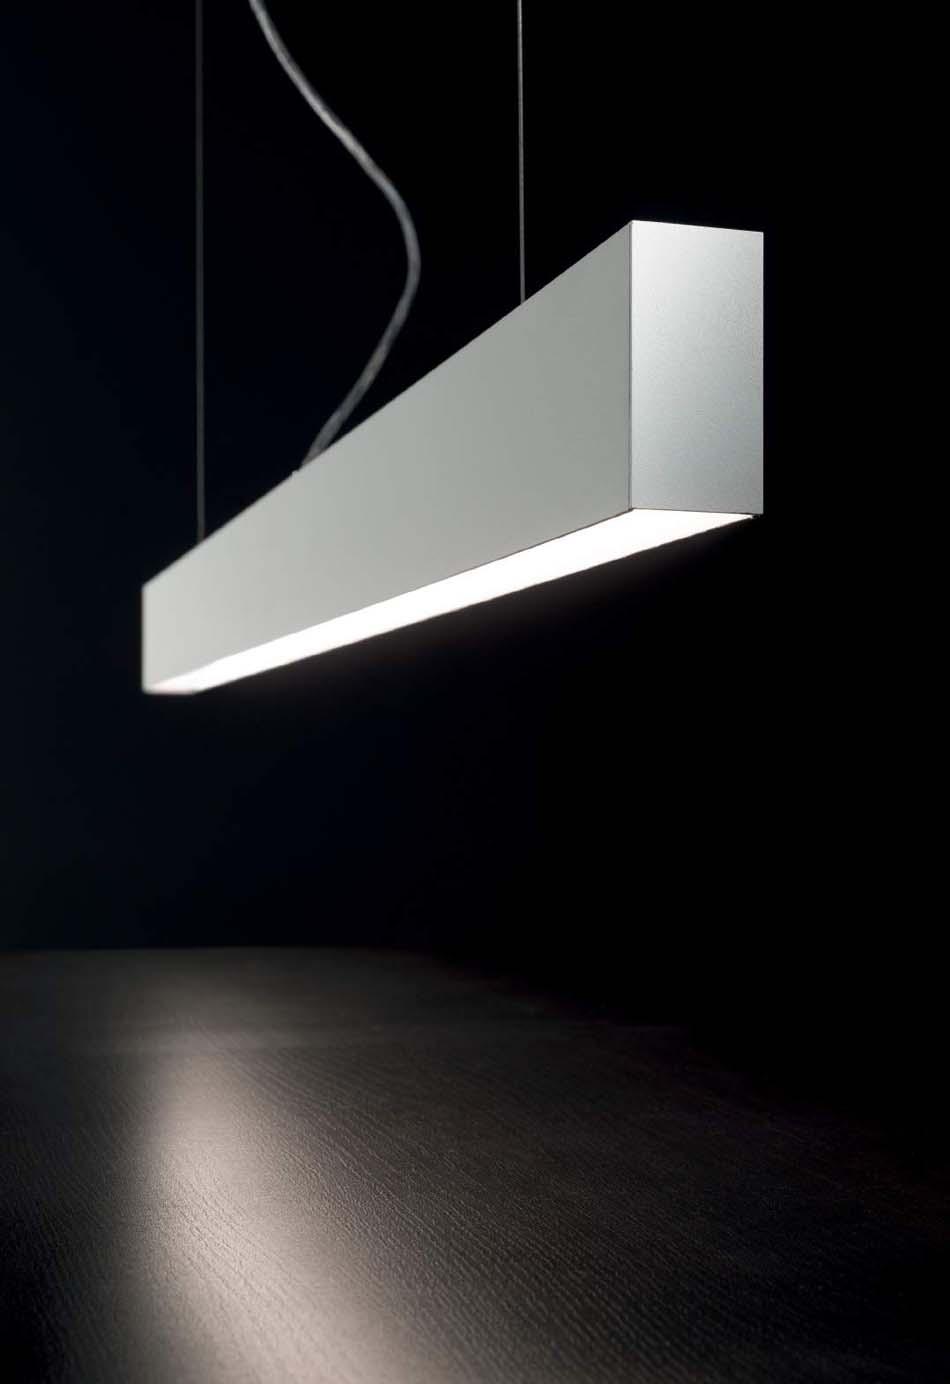 Lampade 63 sospese Ideal Lux Club – Toscana Arredamenti